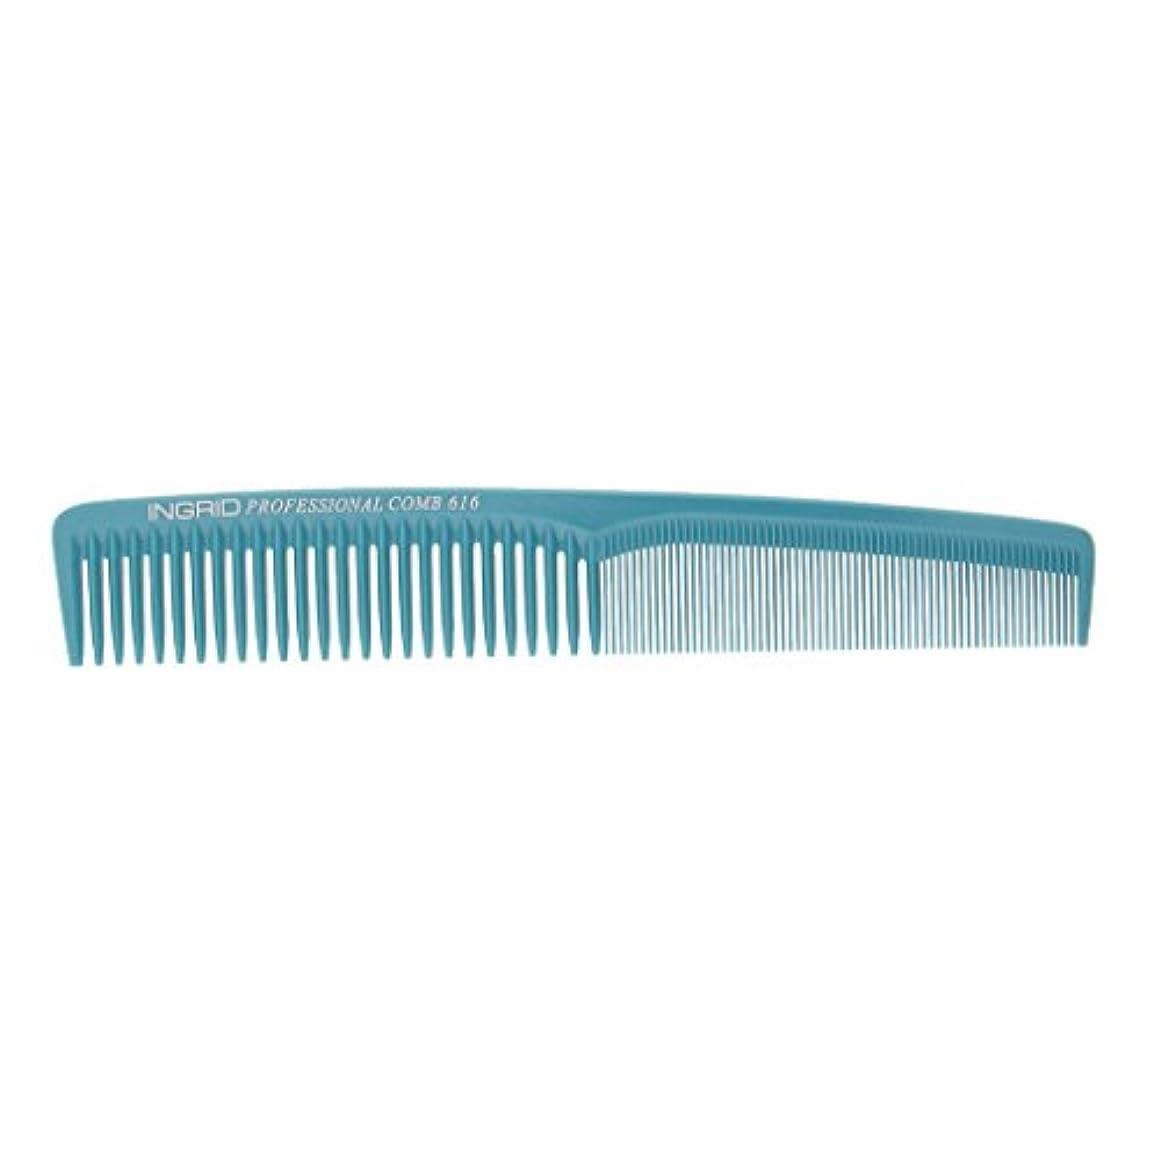 降下時制マウスピースFutuHome ファッショナブルなヘアカット理髪師美容院プラスチック製の櫛 - ライトブルー